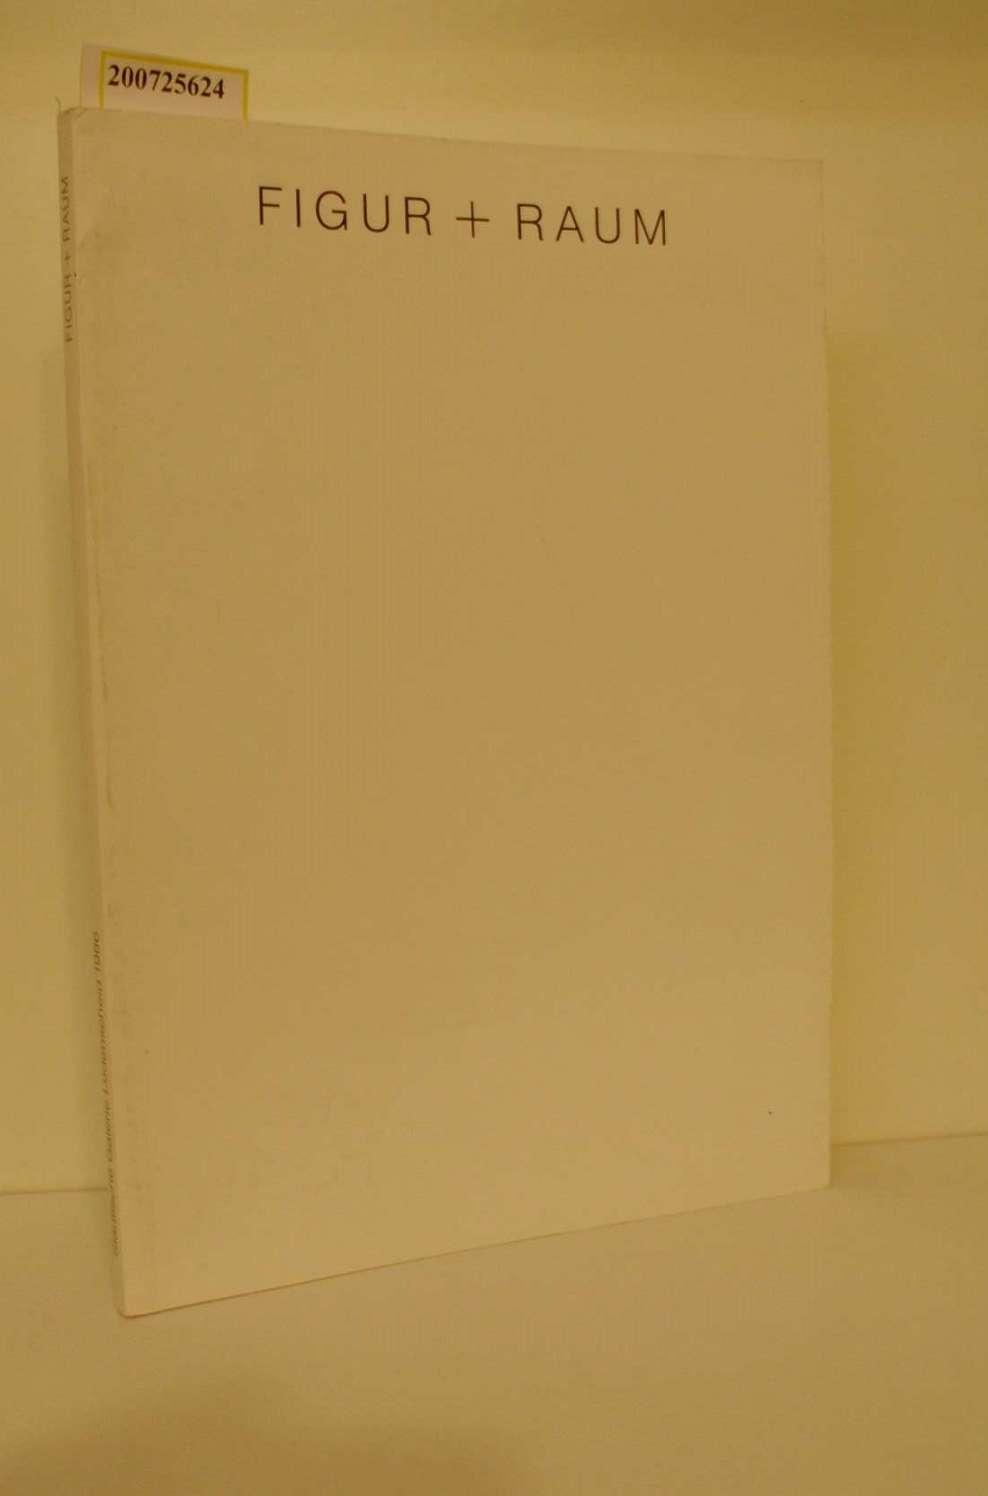 Figur + Raum., Bilder, Collagen, Objekte, Skulpturen, Zeichnungen, Xerokopien